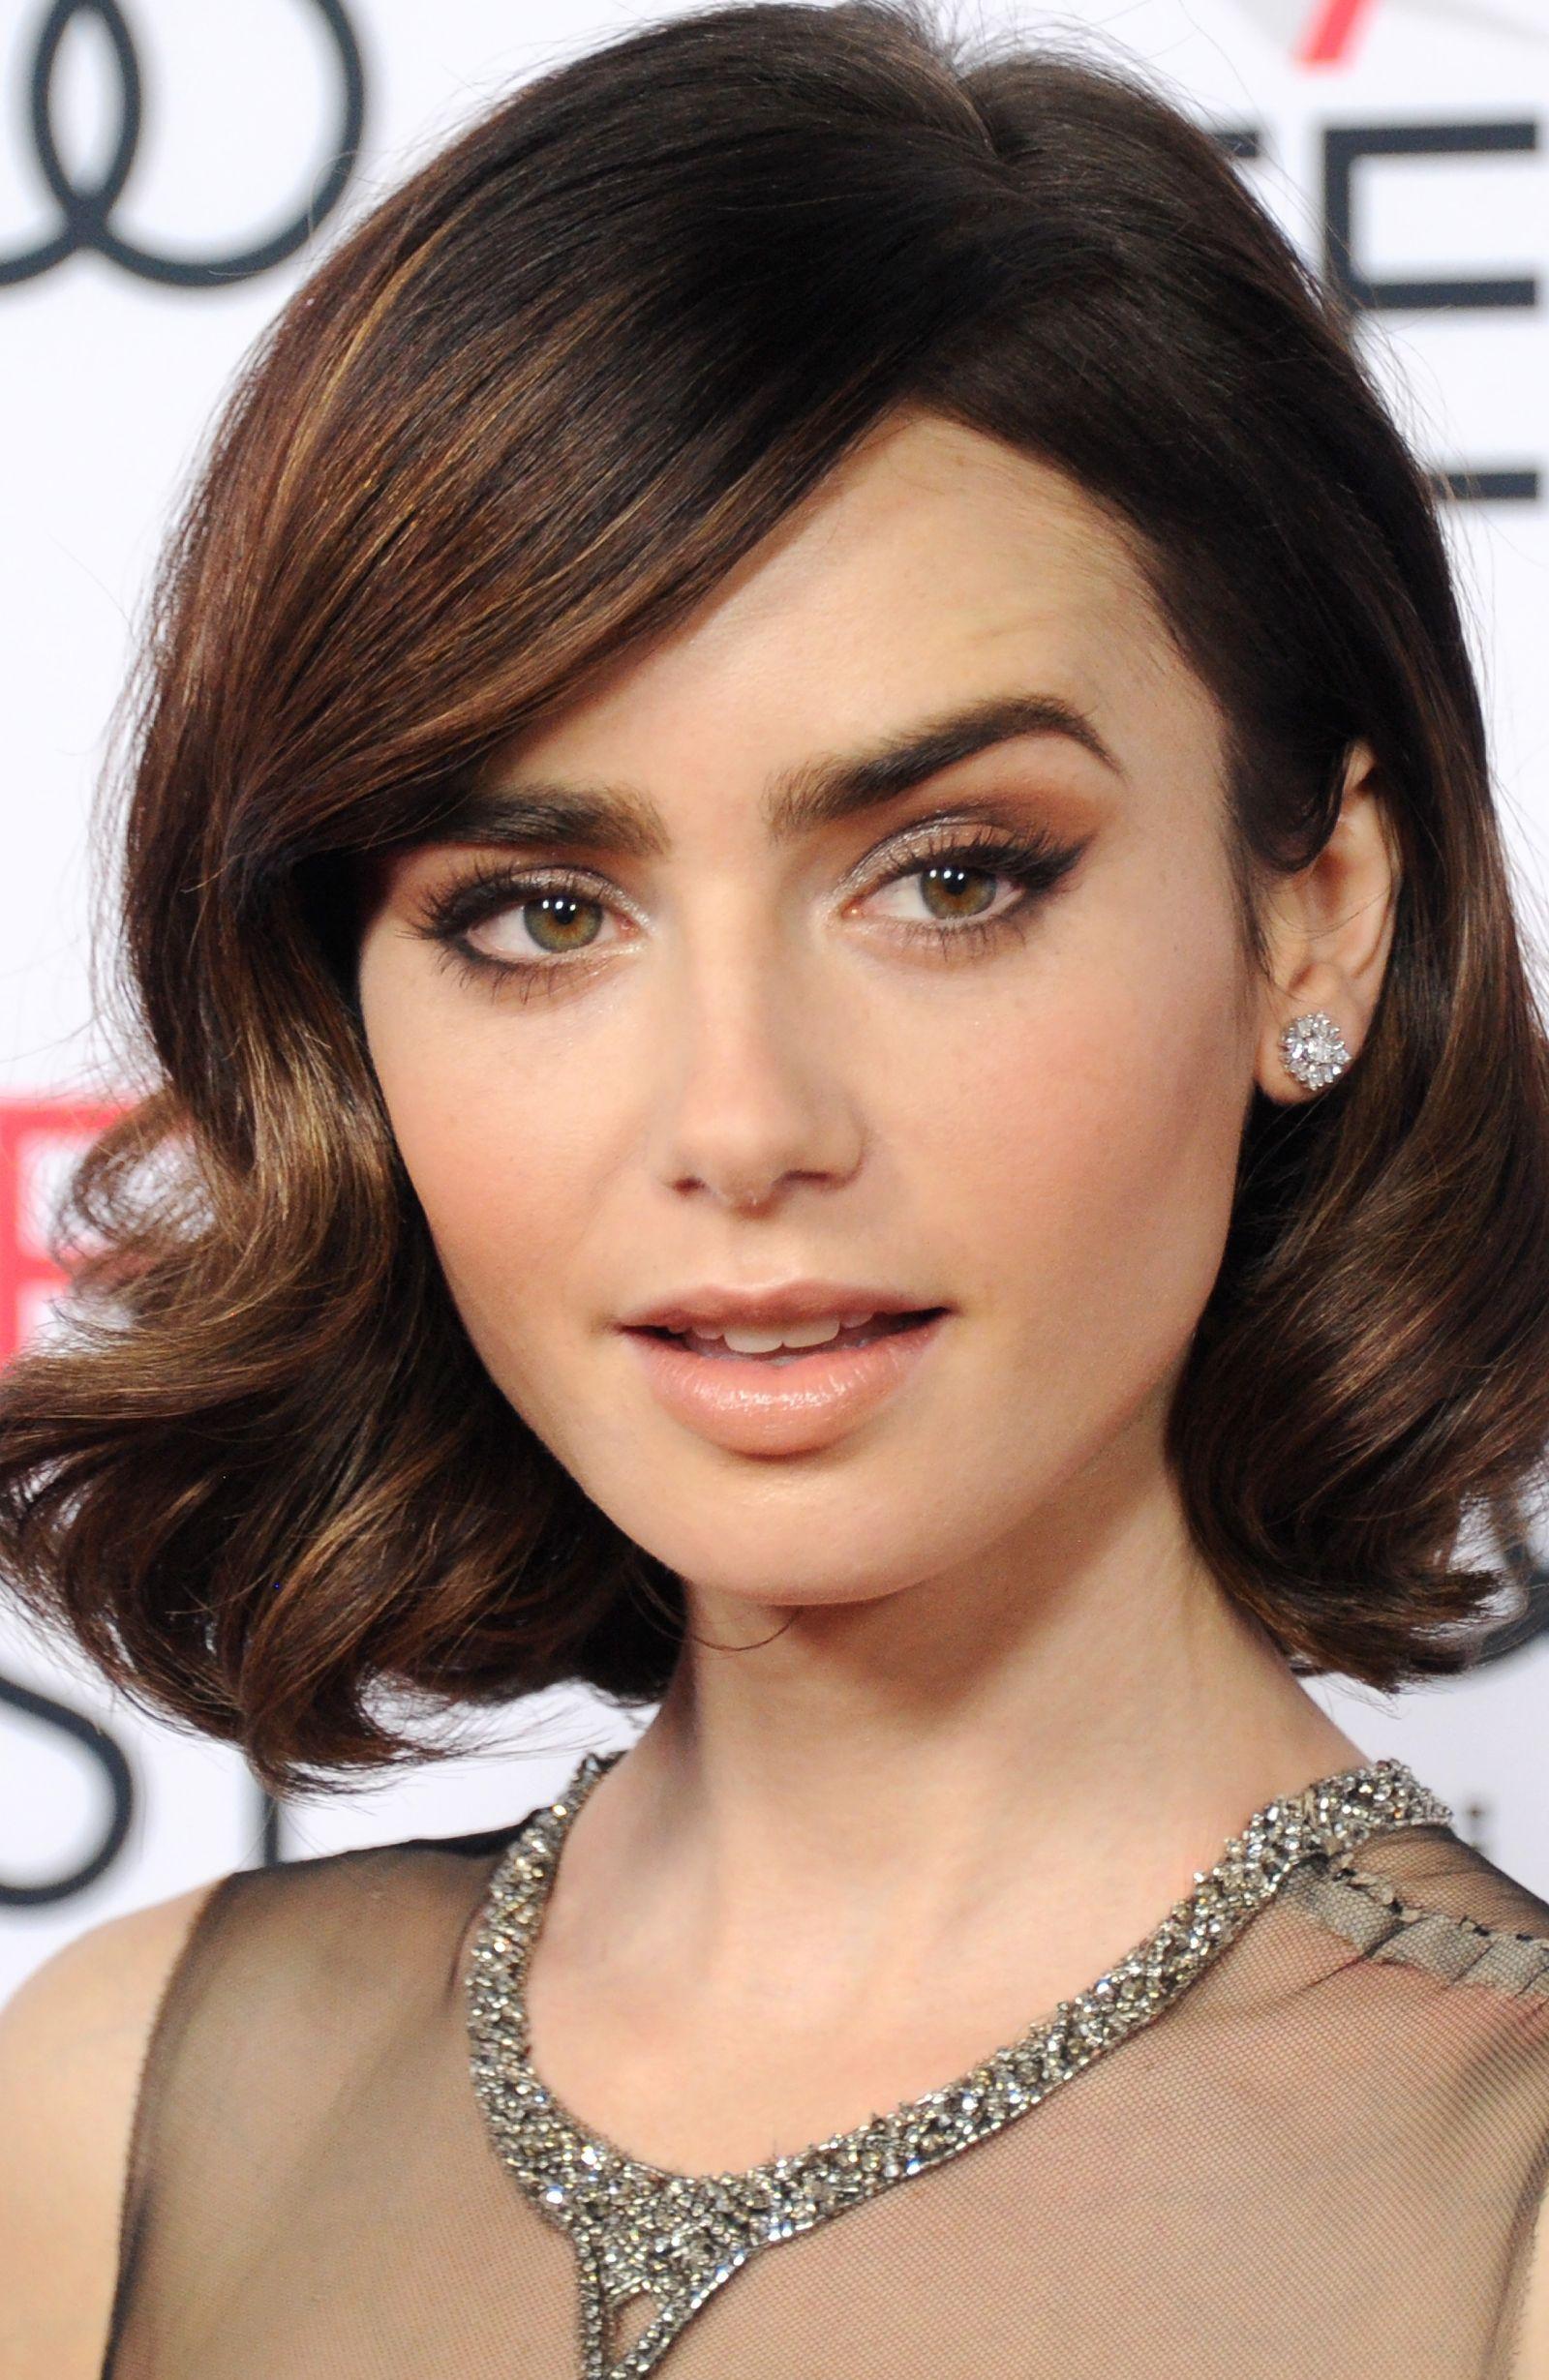 Audrey Hepburn-approved eyeliner - CosmopolitanUK Penteados Audrey Hepburn, Audrey Hepburn Makeup, Audrey